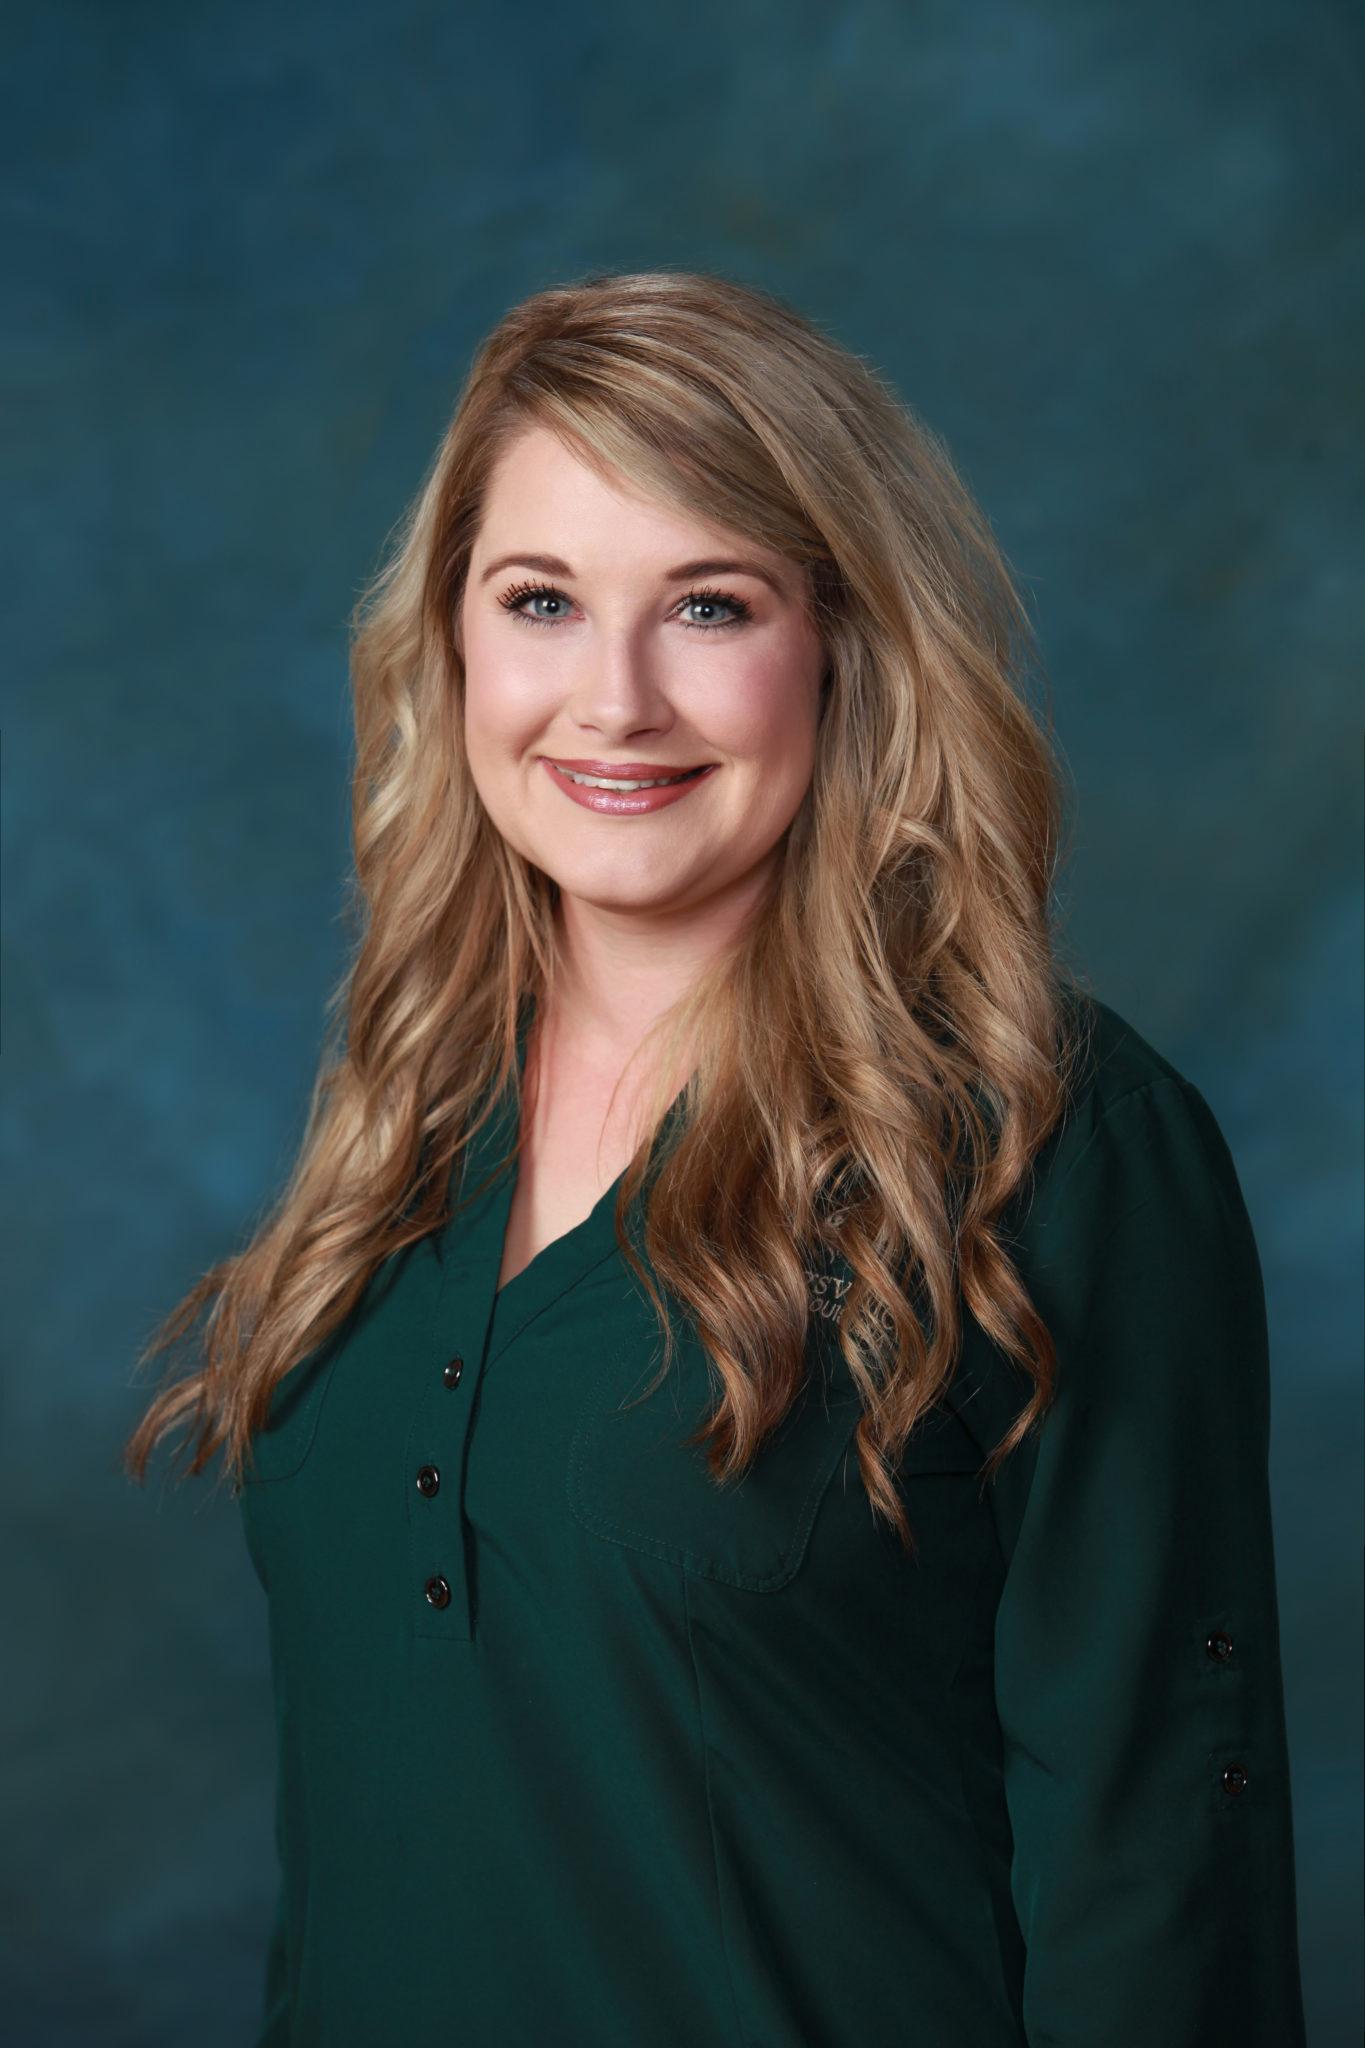 Kayla Lemke - Receptionist